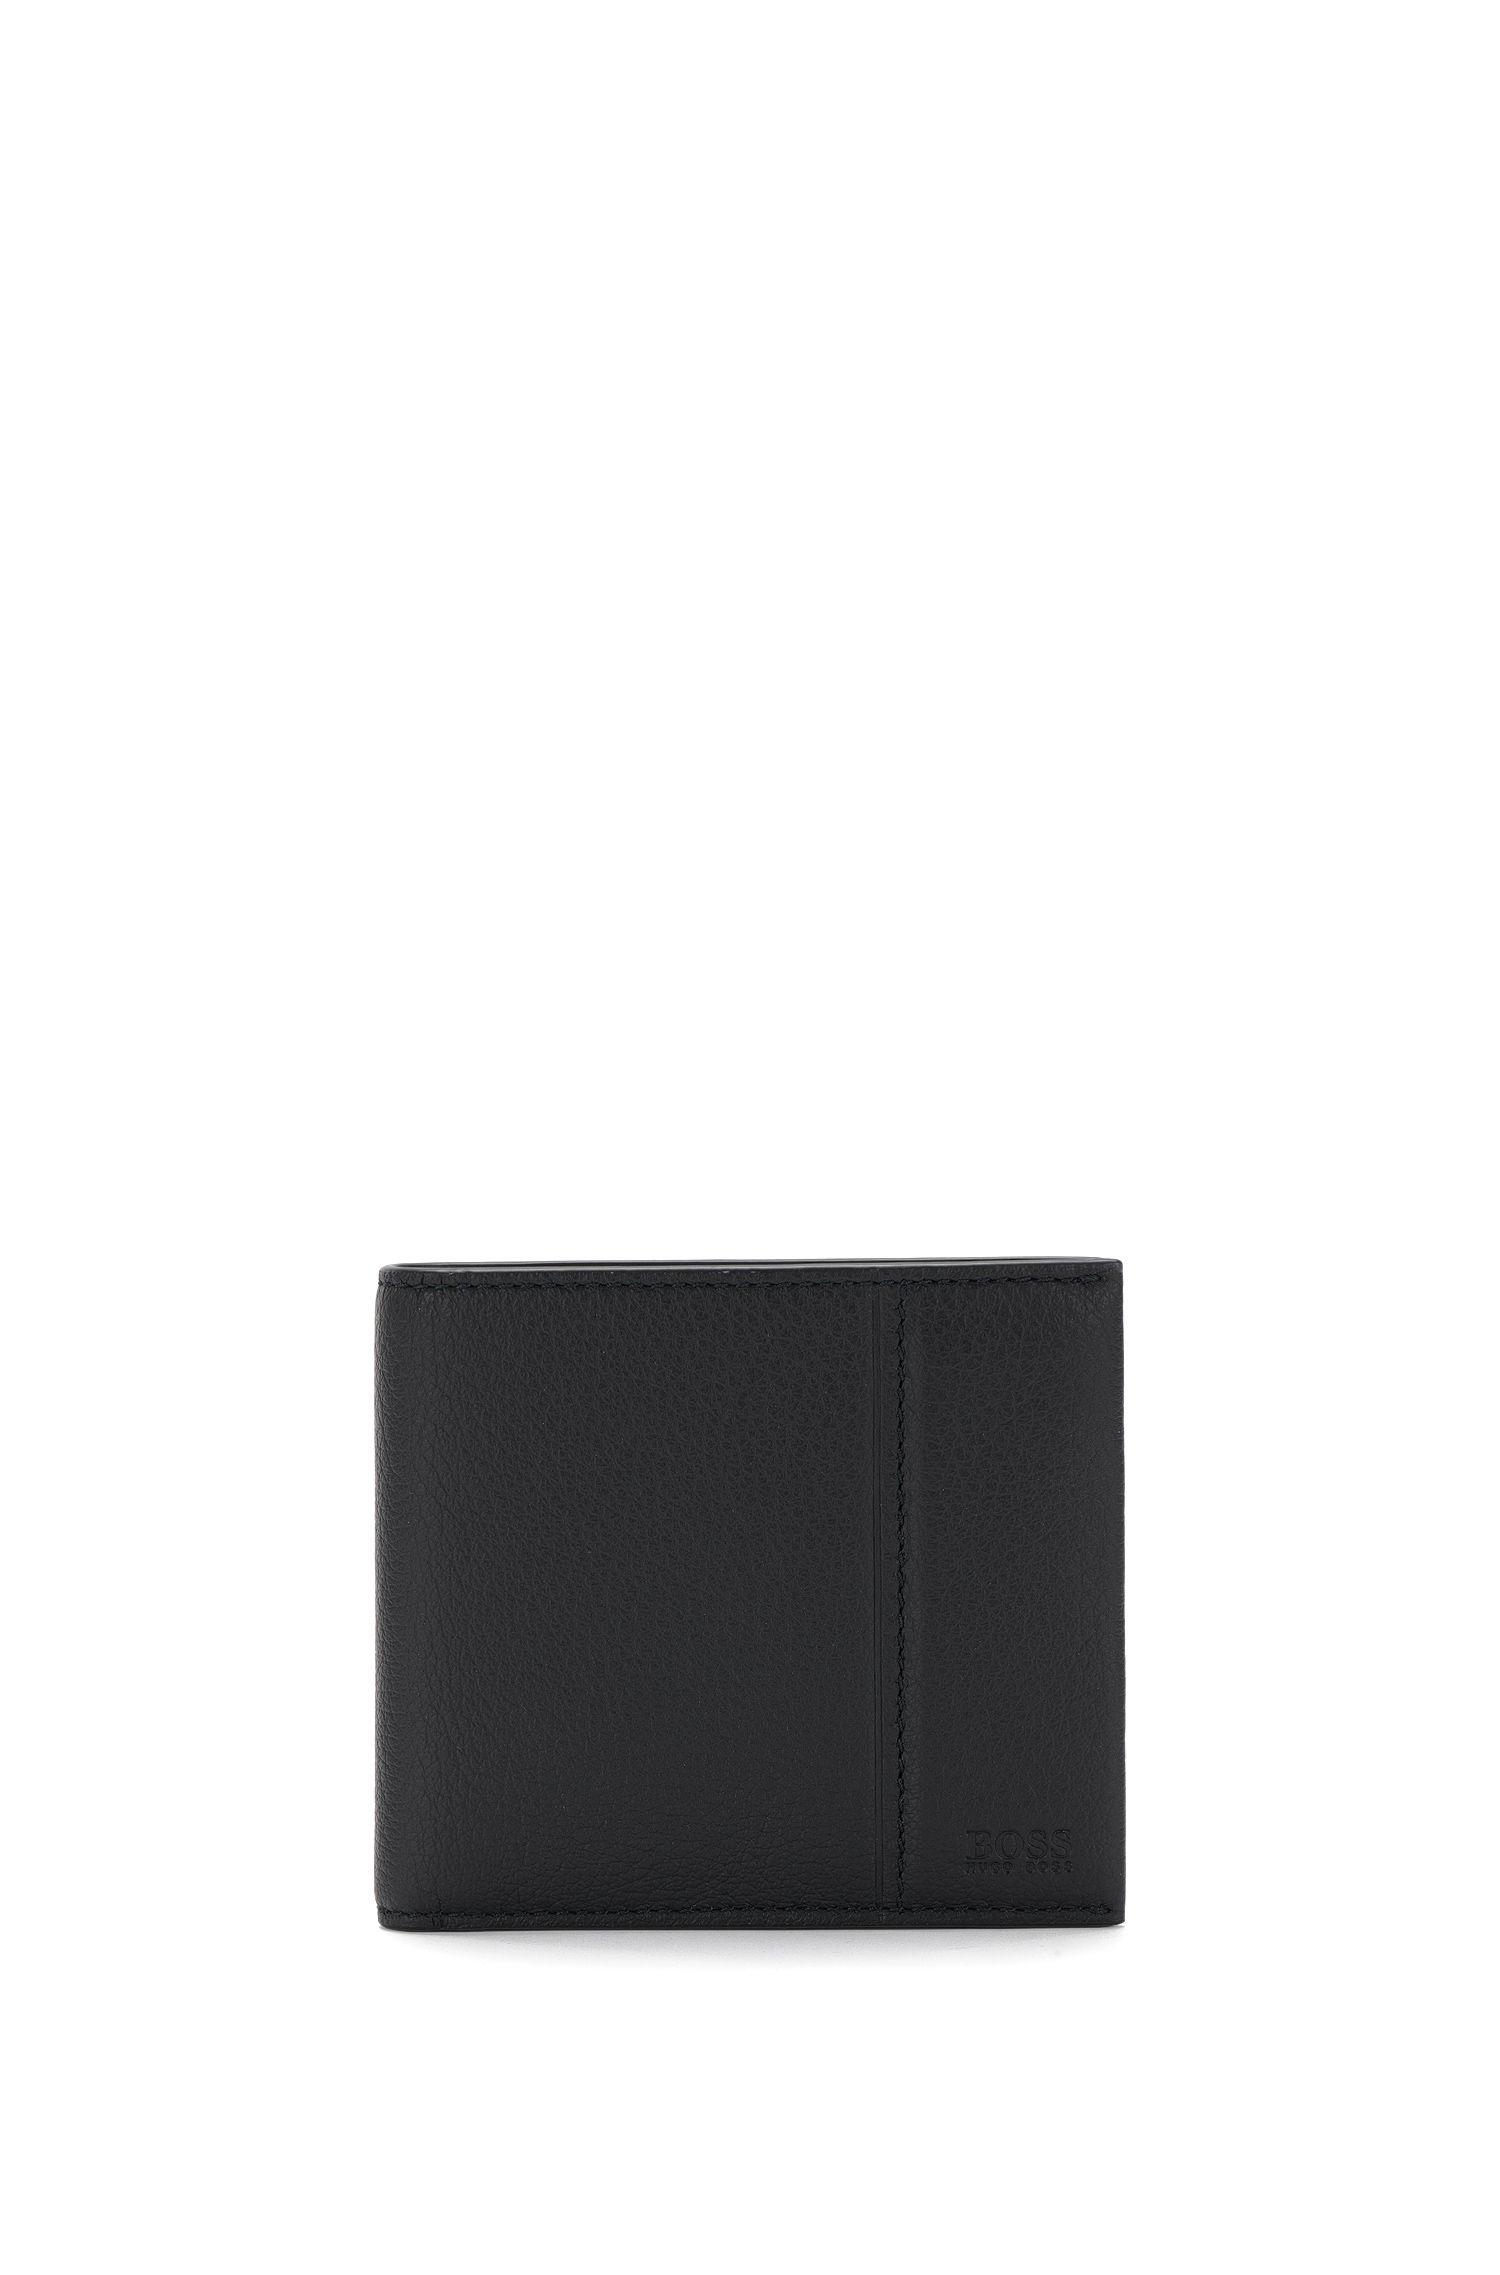 Openklapbare leren portemonnee met acht gleufjes voor pasjes